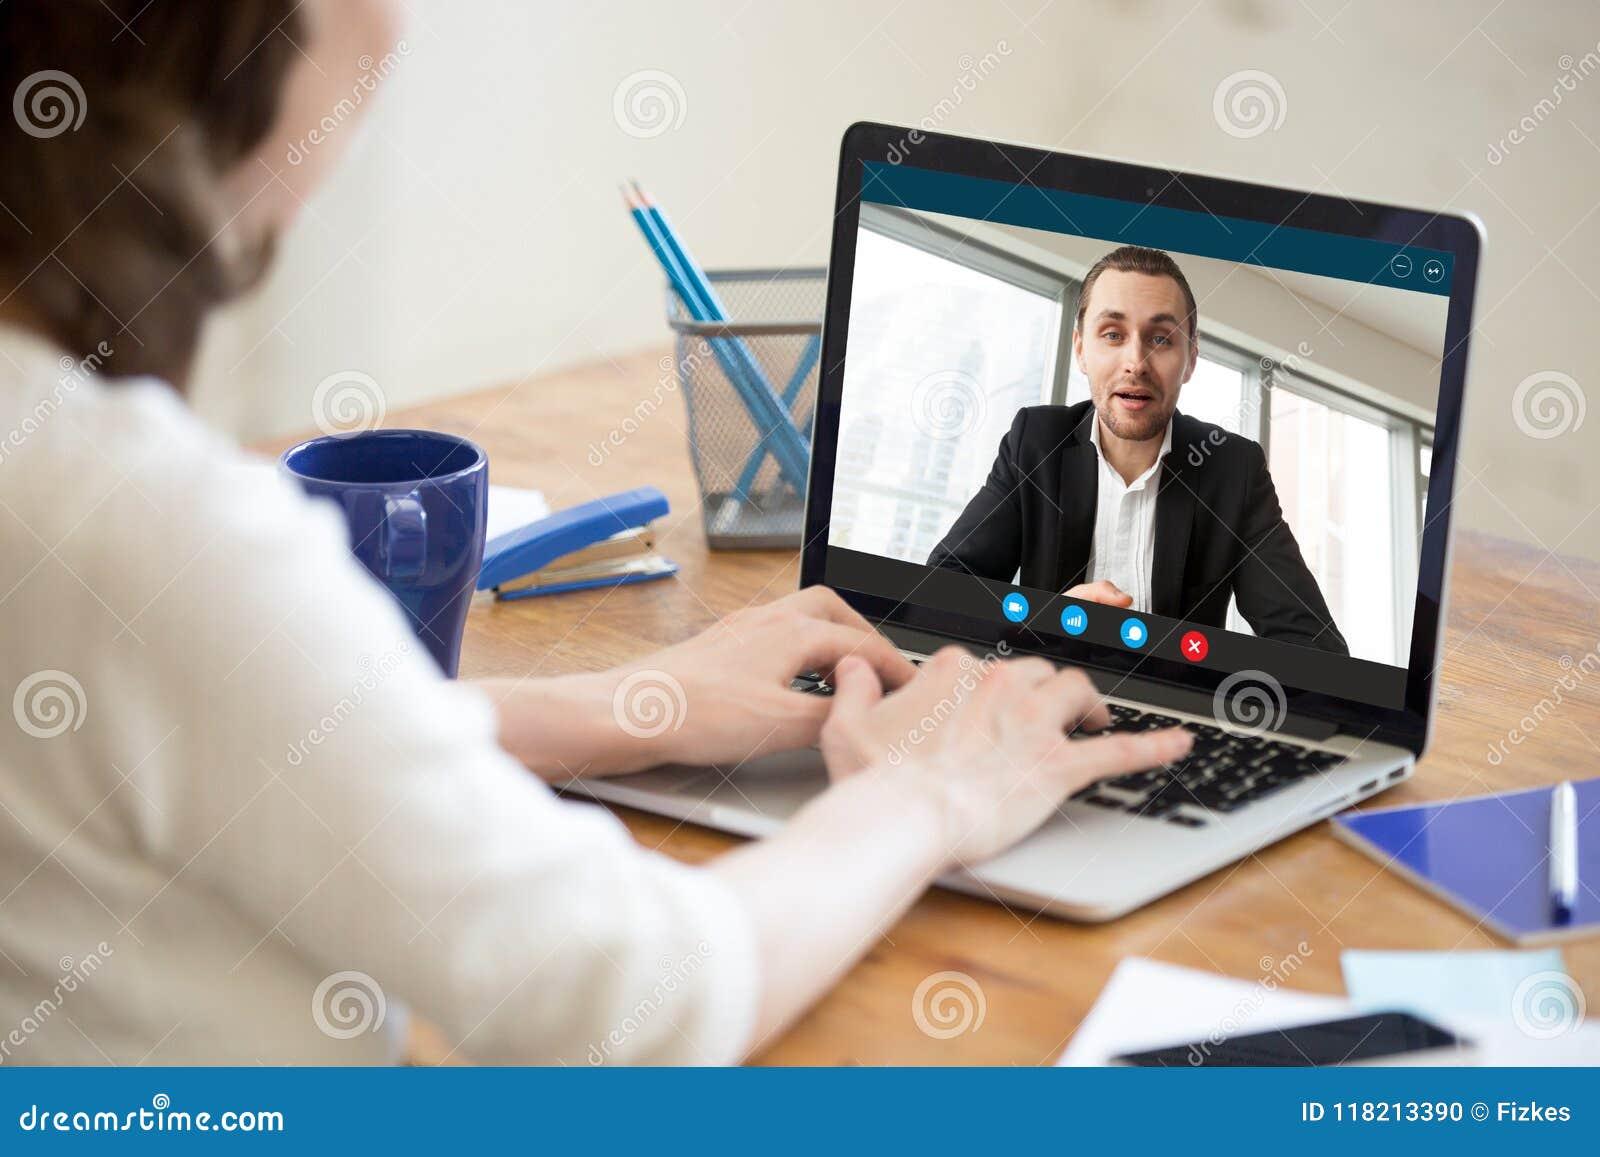 Bizneswoman robi wideo wezwaniu partner biznesowy używa laptop